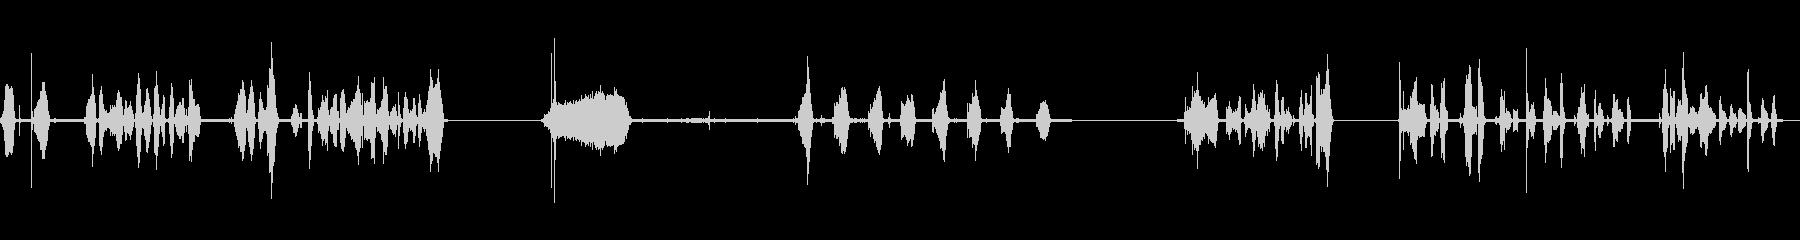 ペン、FELTTIP、書き込み、4...の未再生の波形